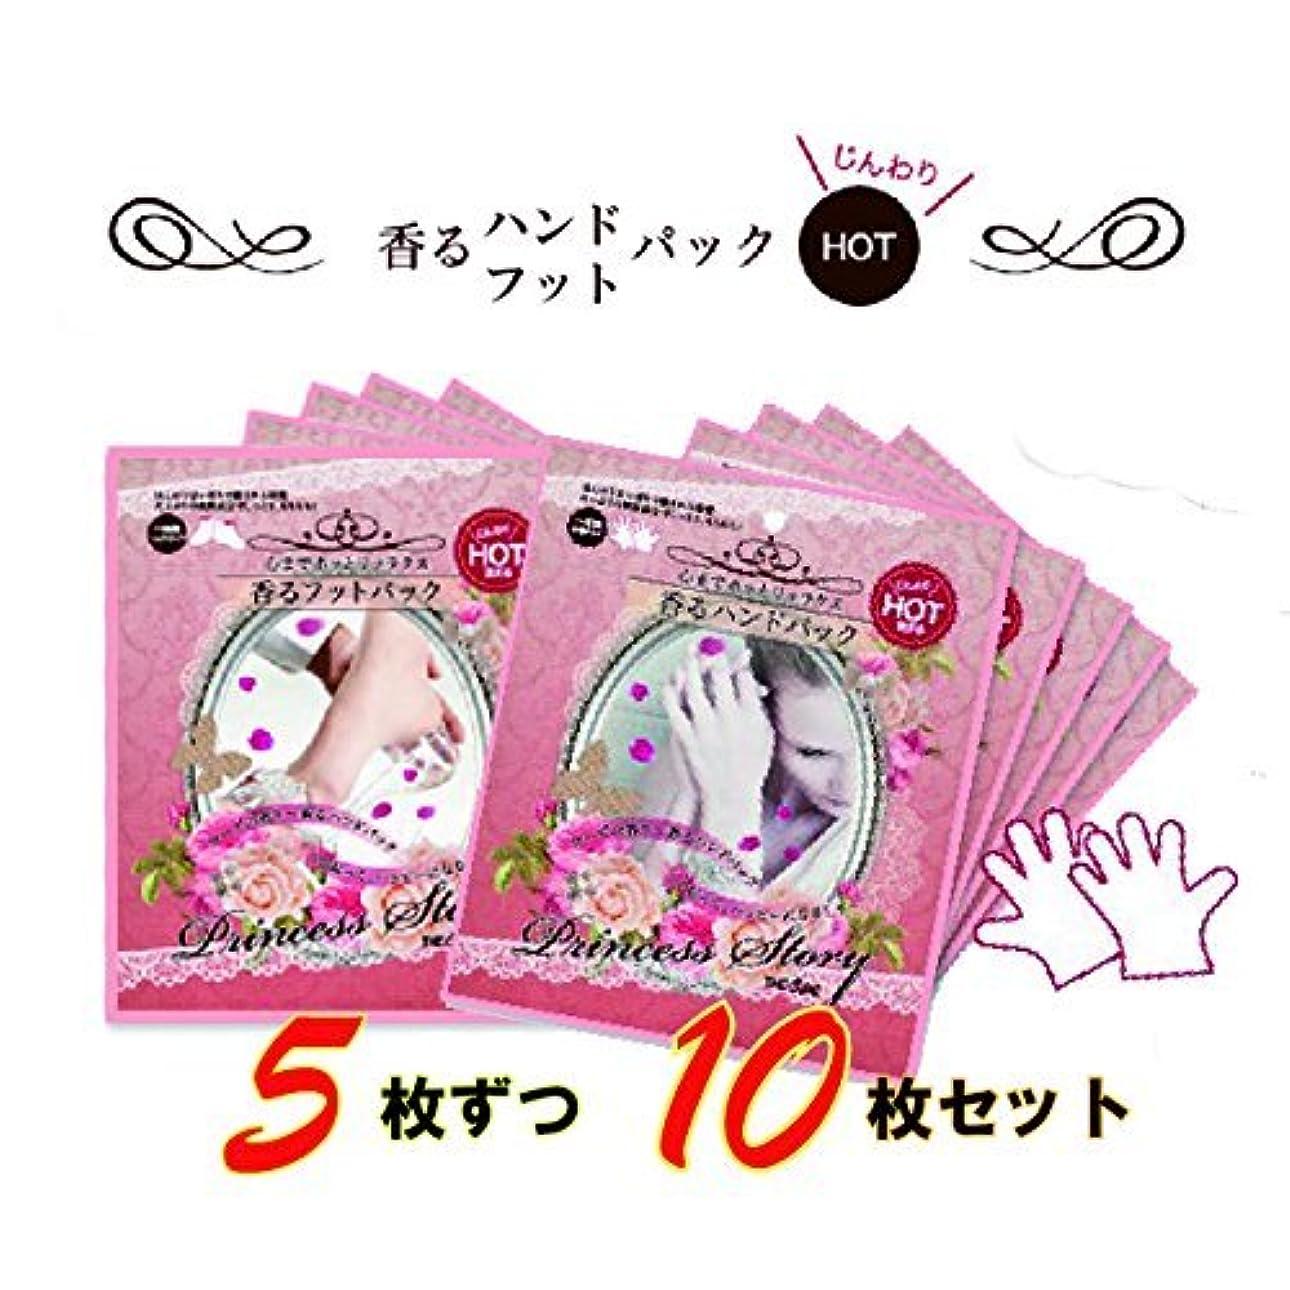 病的コテージ可聴香るハンド &フットパック HOT キュア プリンセス ストーリーTHE CURE 5枚ずつ10枚セット